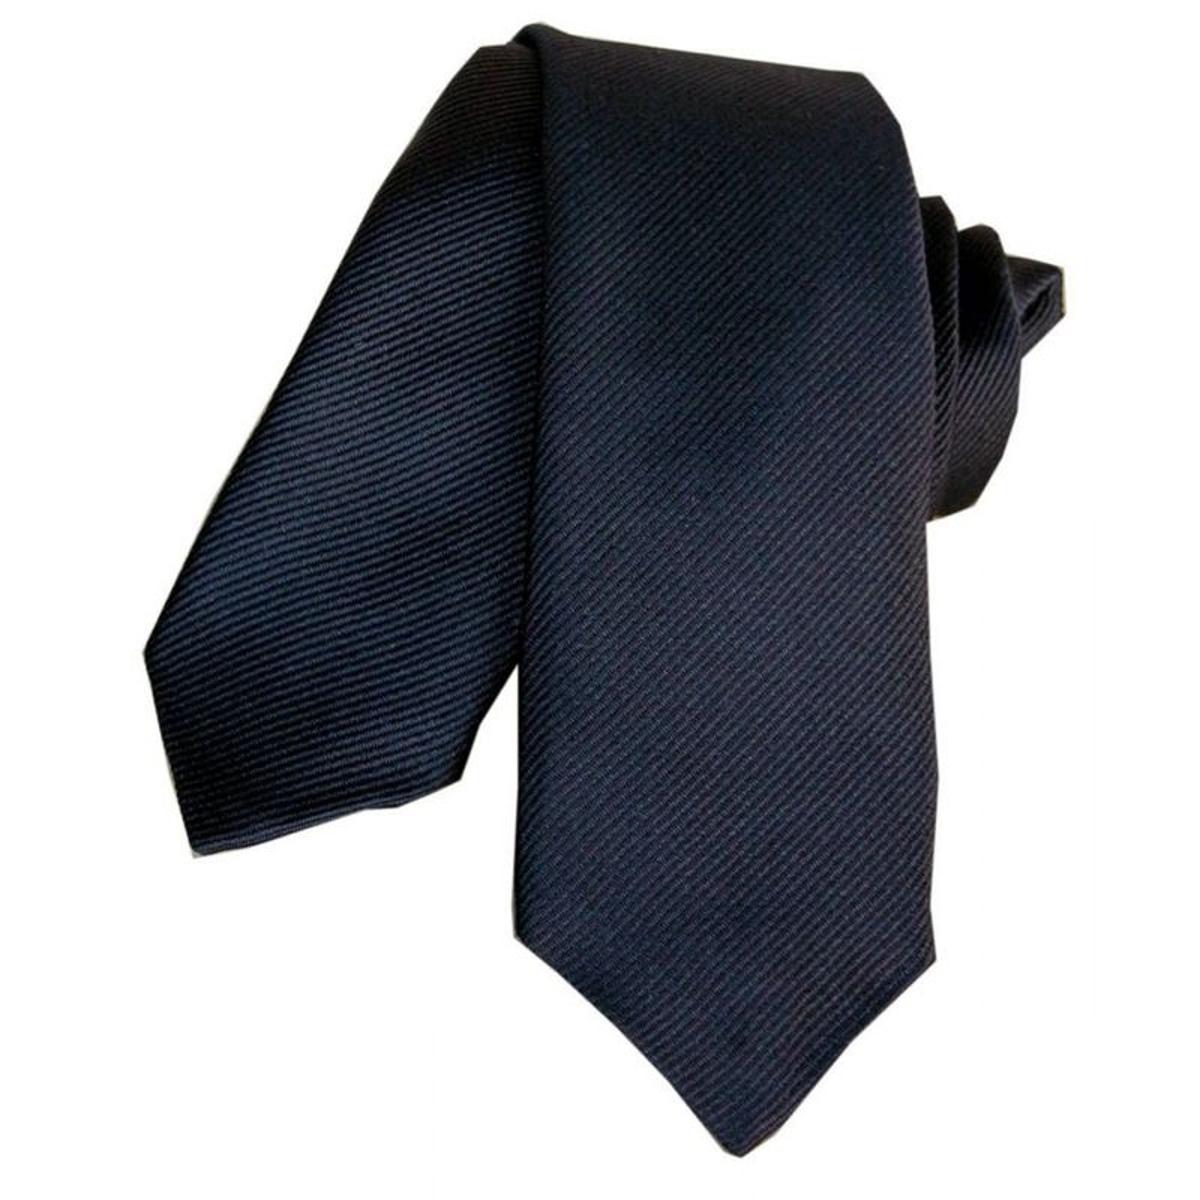 Cravate Slim Classique slim segni. Soie Uni